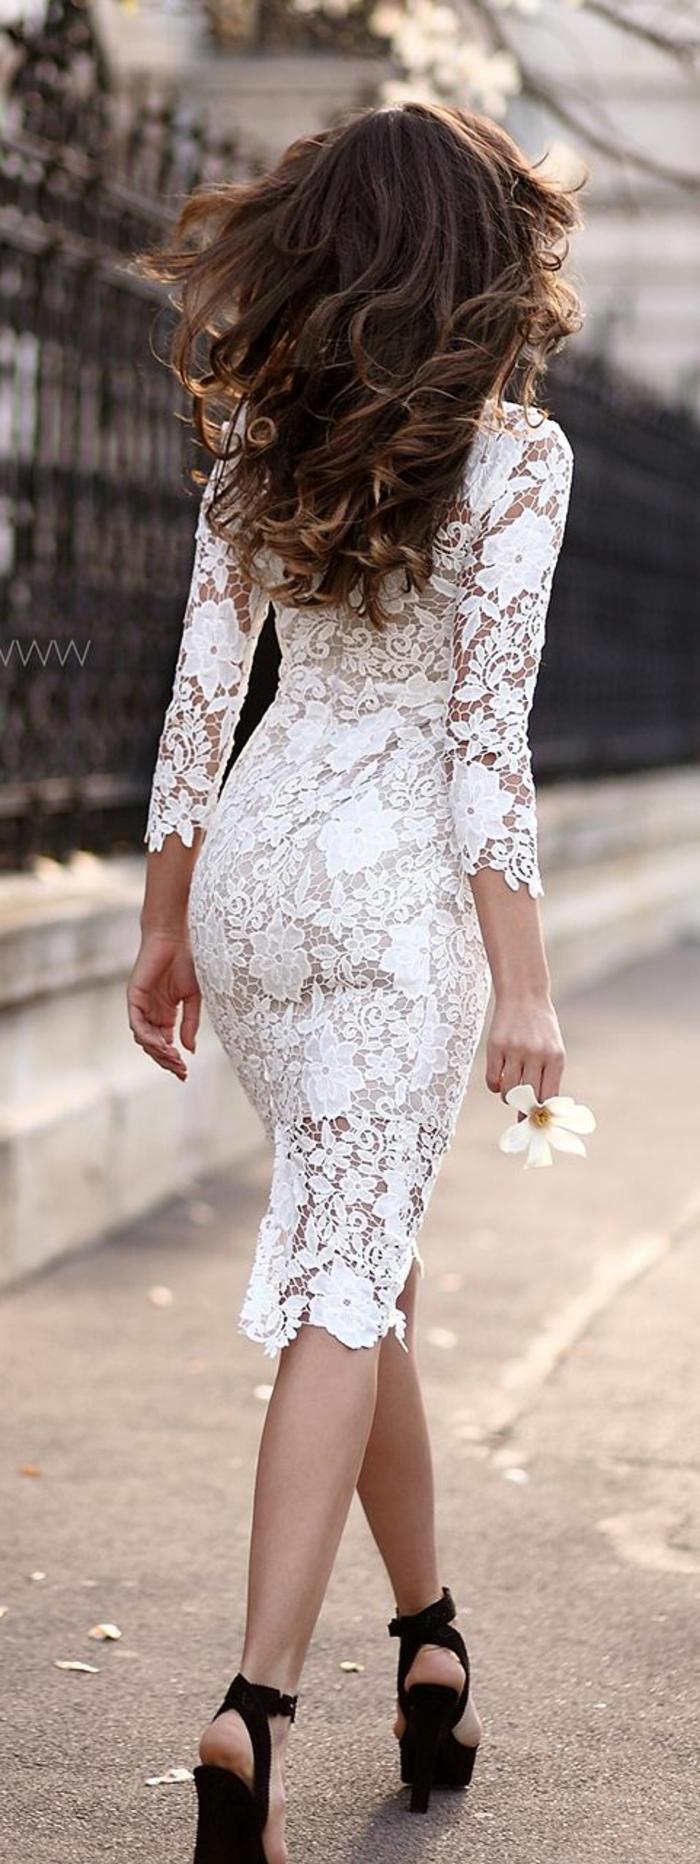 belle-robe-blanche-a-dentelle-style-chique-tenue-du-jour-le-dos